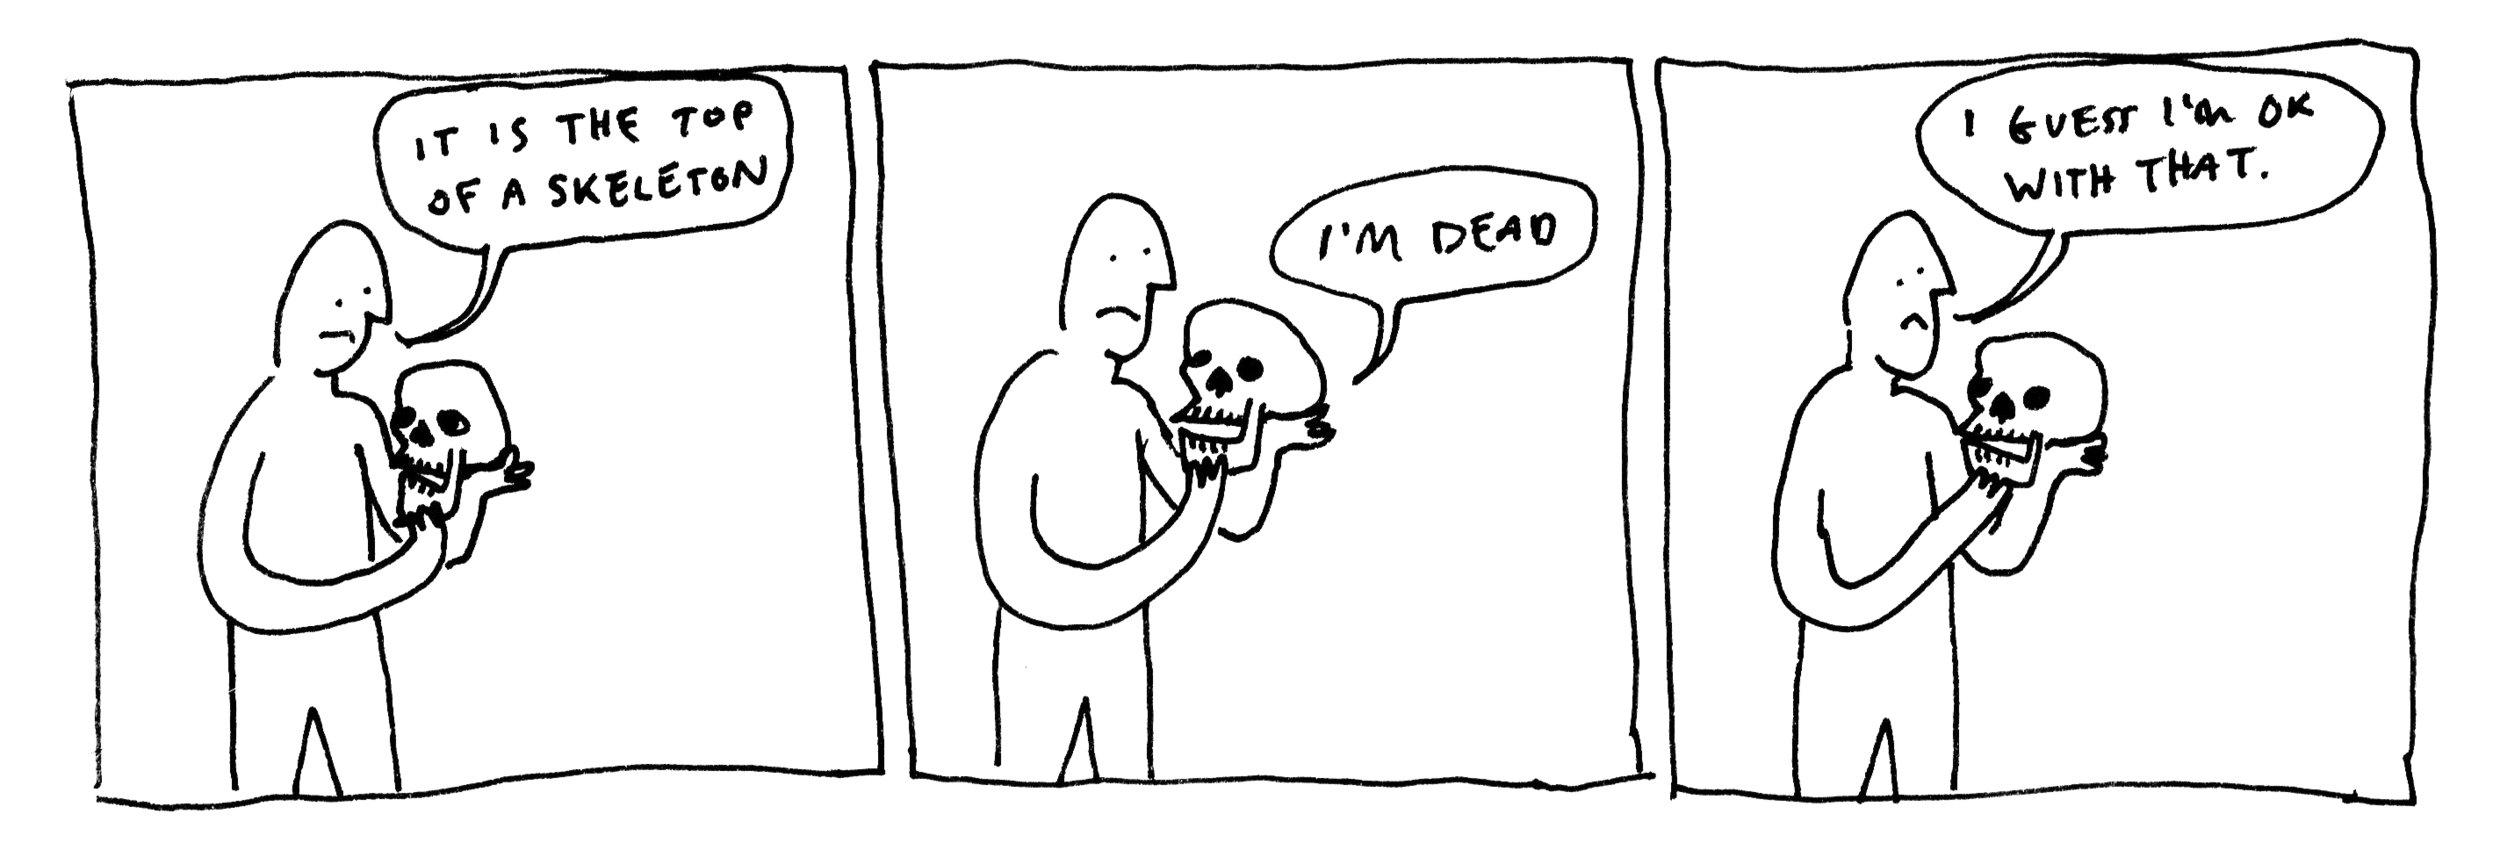 comic018.jpg